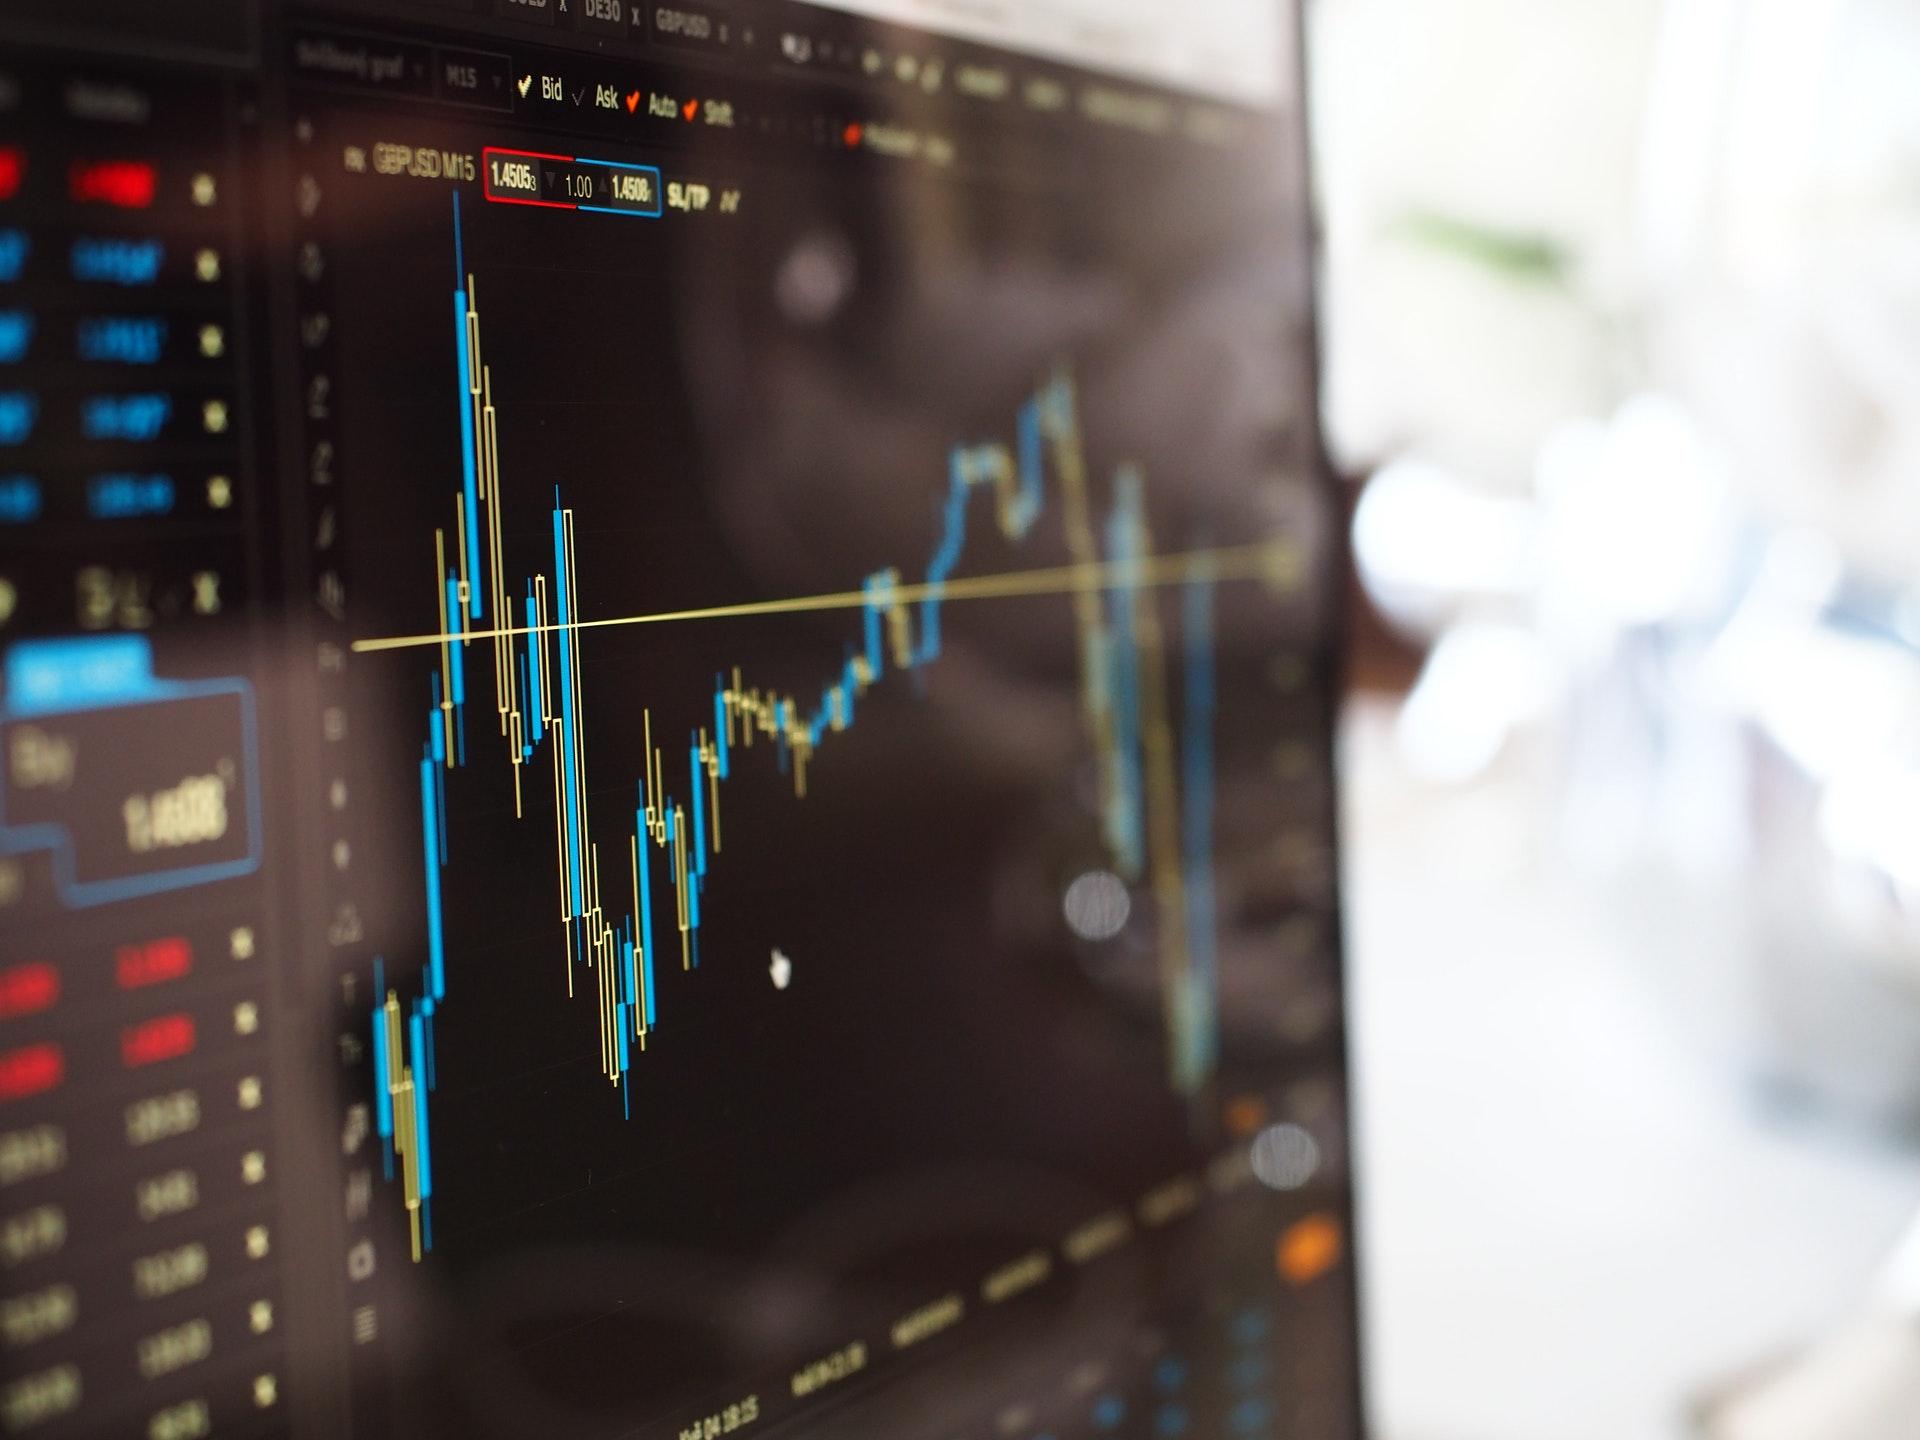 Vemos alguns gráficos do mercado de ações em tela (imagem ilustrativa). Texto: empreender ou investir.